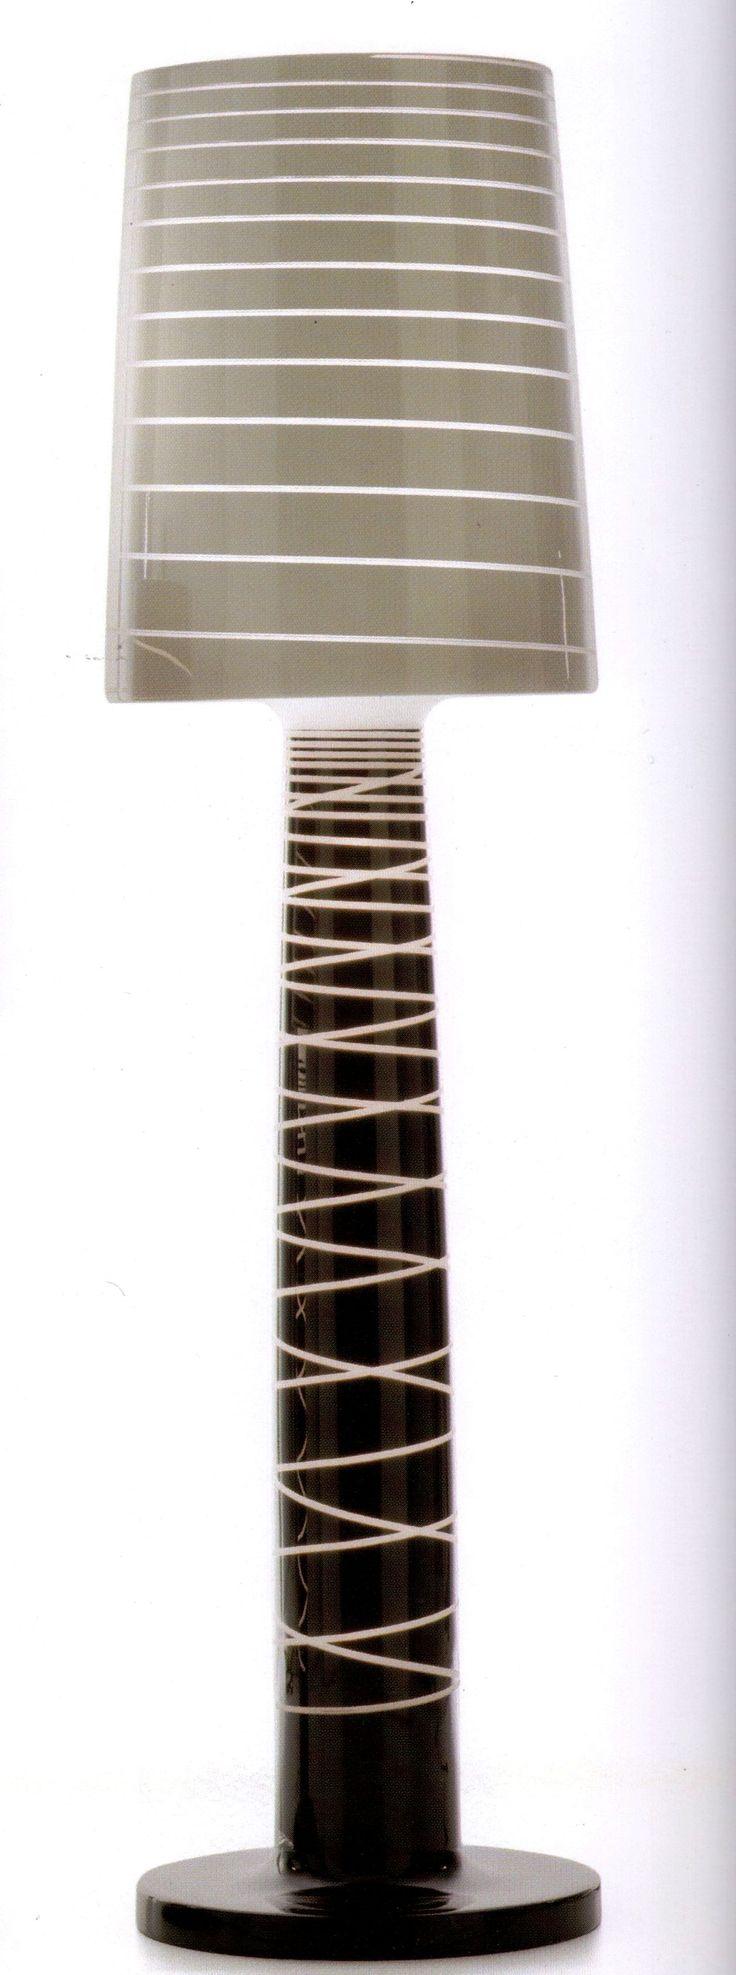 Exclusiva  compañía italiana SERRALUNGA  creada por diseñador reconocido a nivel mundial.  Características:  Medidas: 55xh208, Colores disponibles negro y blanco. Precio uni. $59,401 -50% de descuento a tan solo $29,700.50 (mas gastos de envió). La lampara esta fábricada en material de Polipropileno de alta calidad, en su interior tiene 2 lamparas fluorescentes de 80W, laqueda en su base, es para utilizar en ambientes interiores. Precio de 59,401 -50% de descuento especial a tan solo…